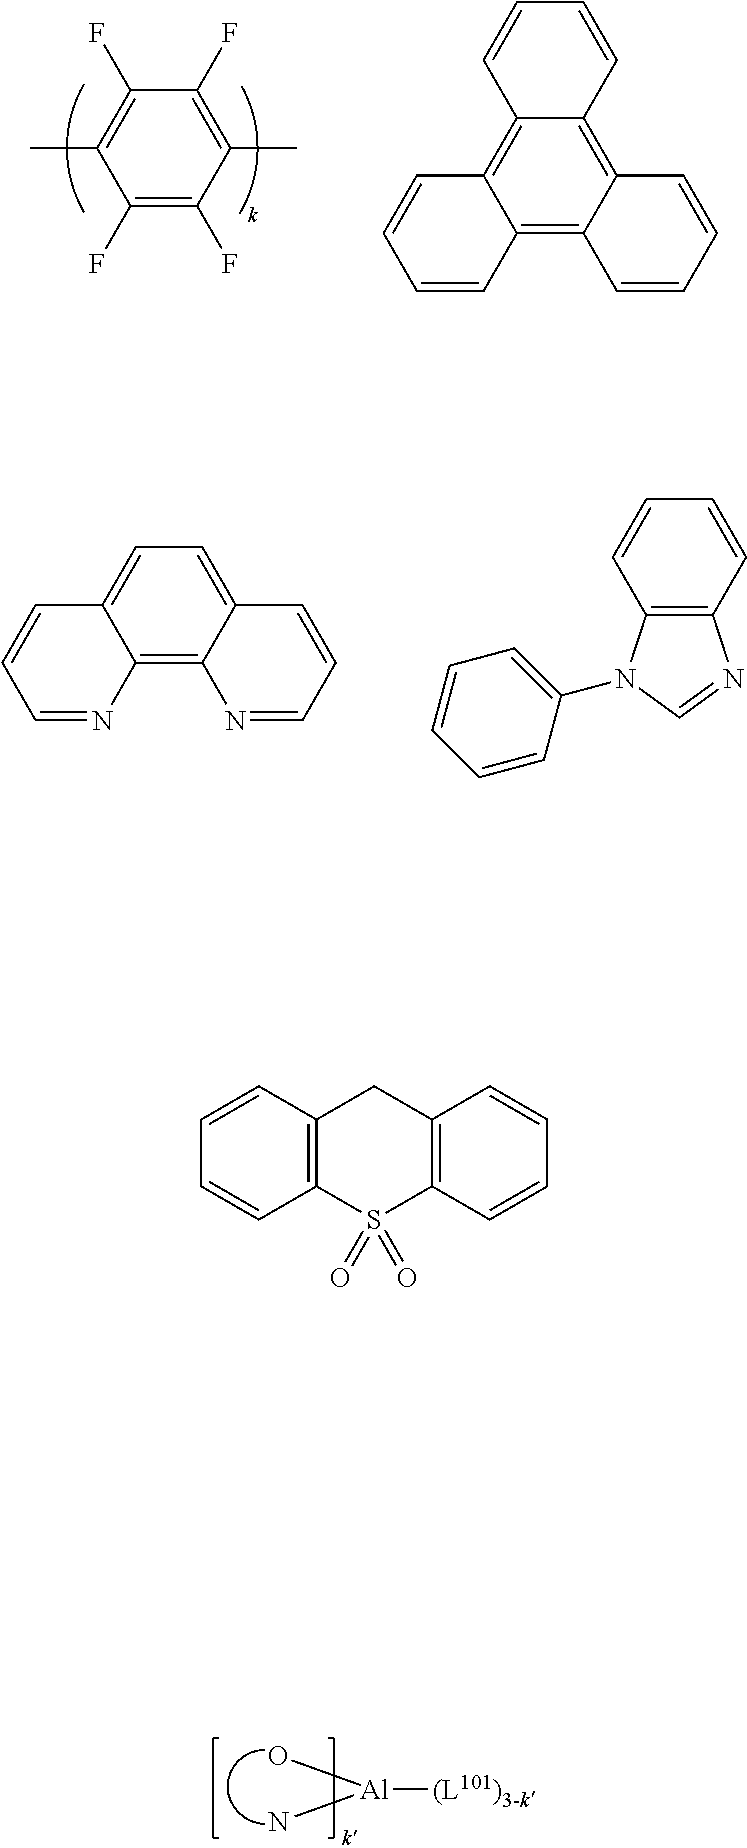 Figure US09406892-20160802-C00068